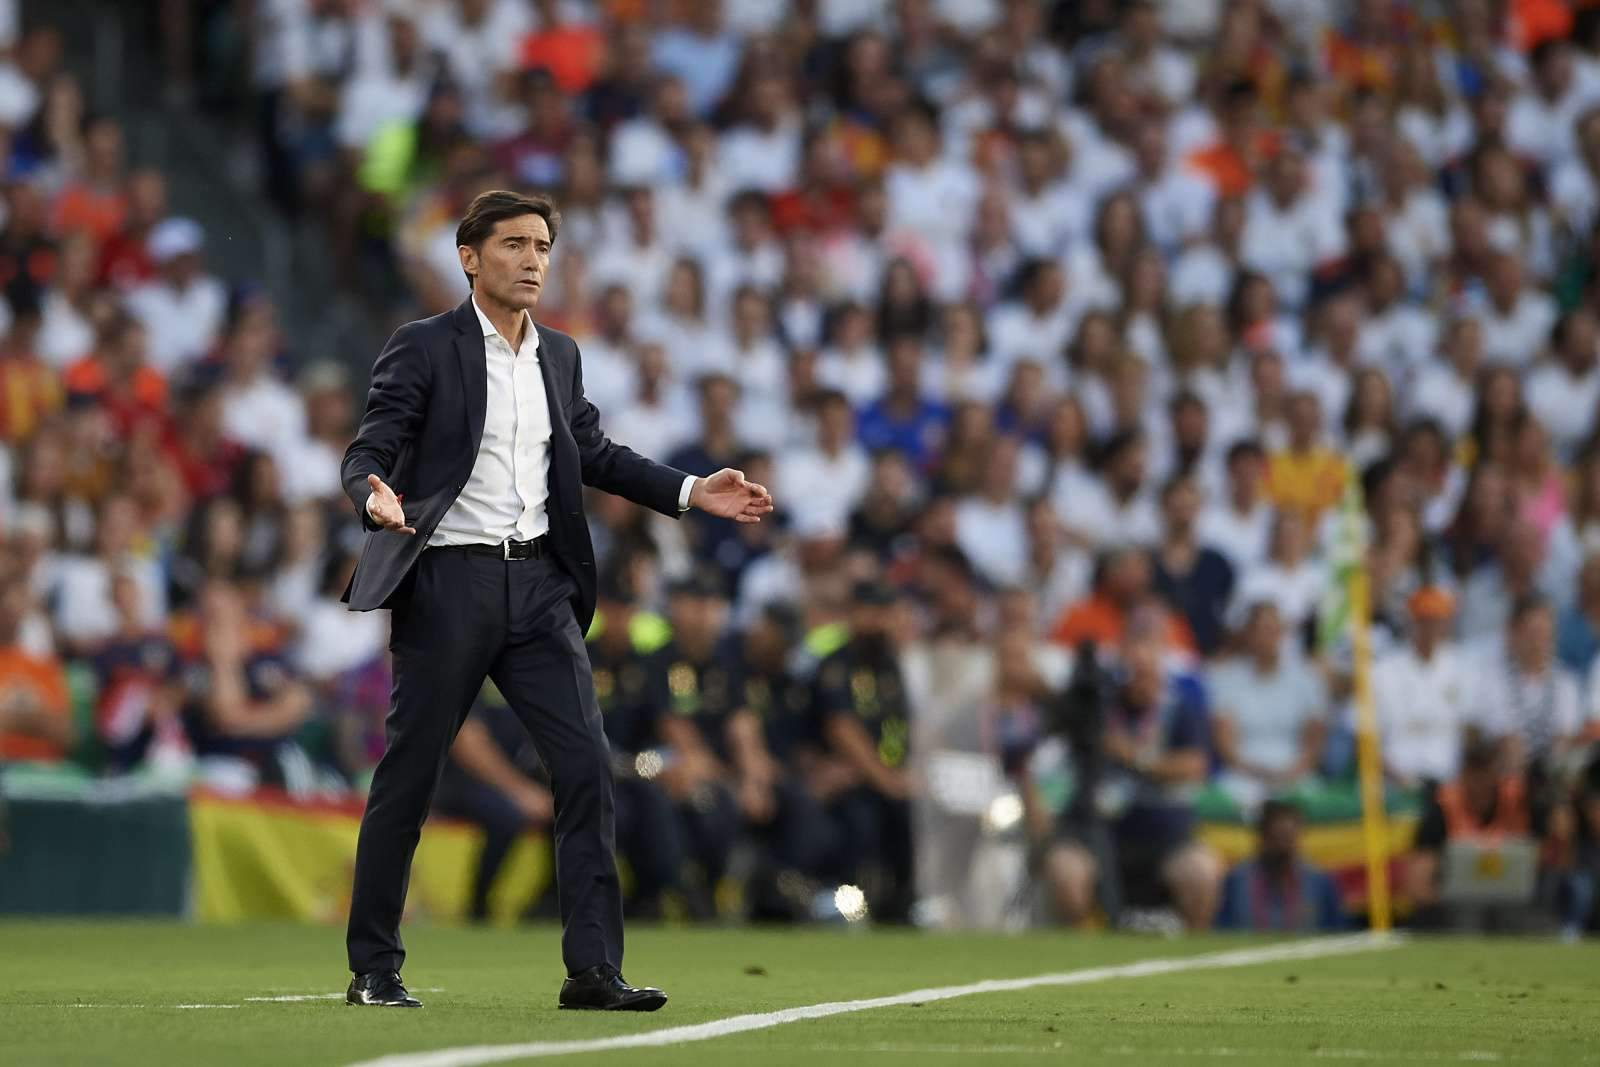 Марселино - первый тренер, победивший «Барселону» в двух финалах подряд